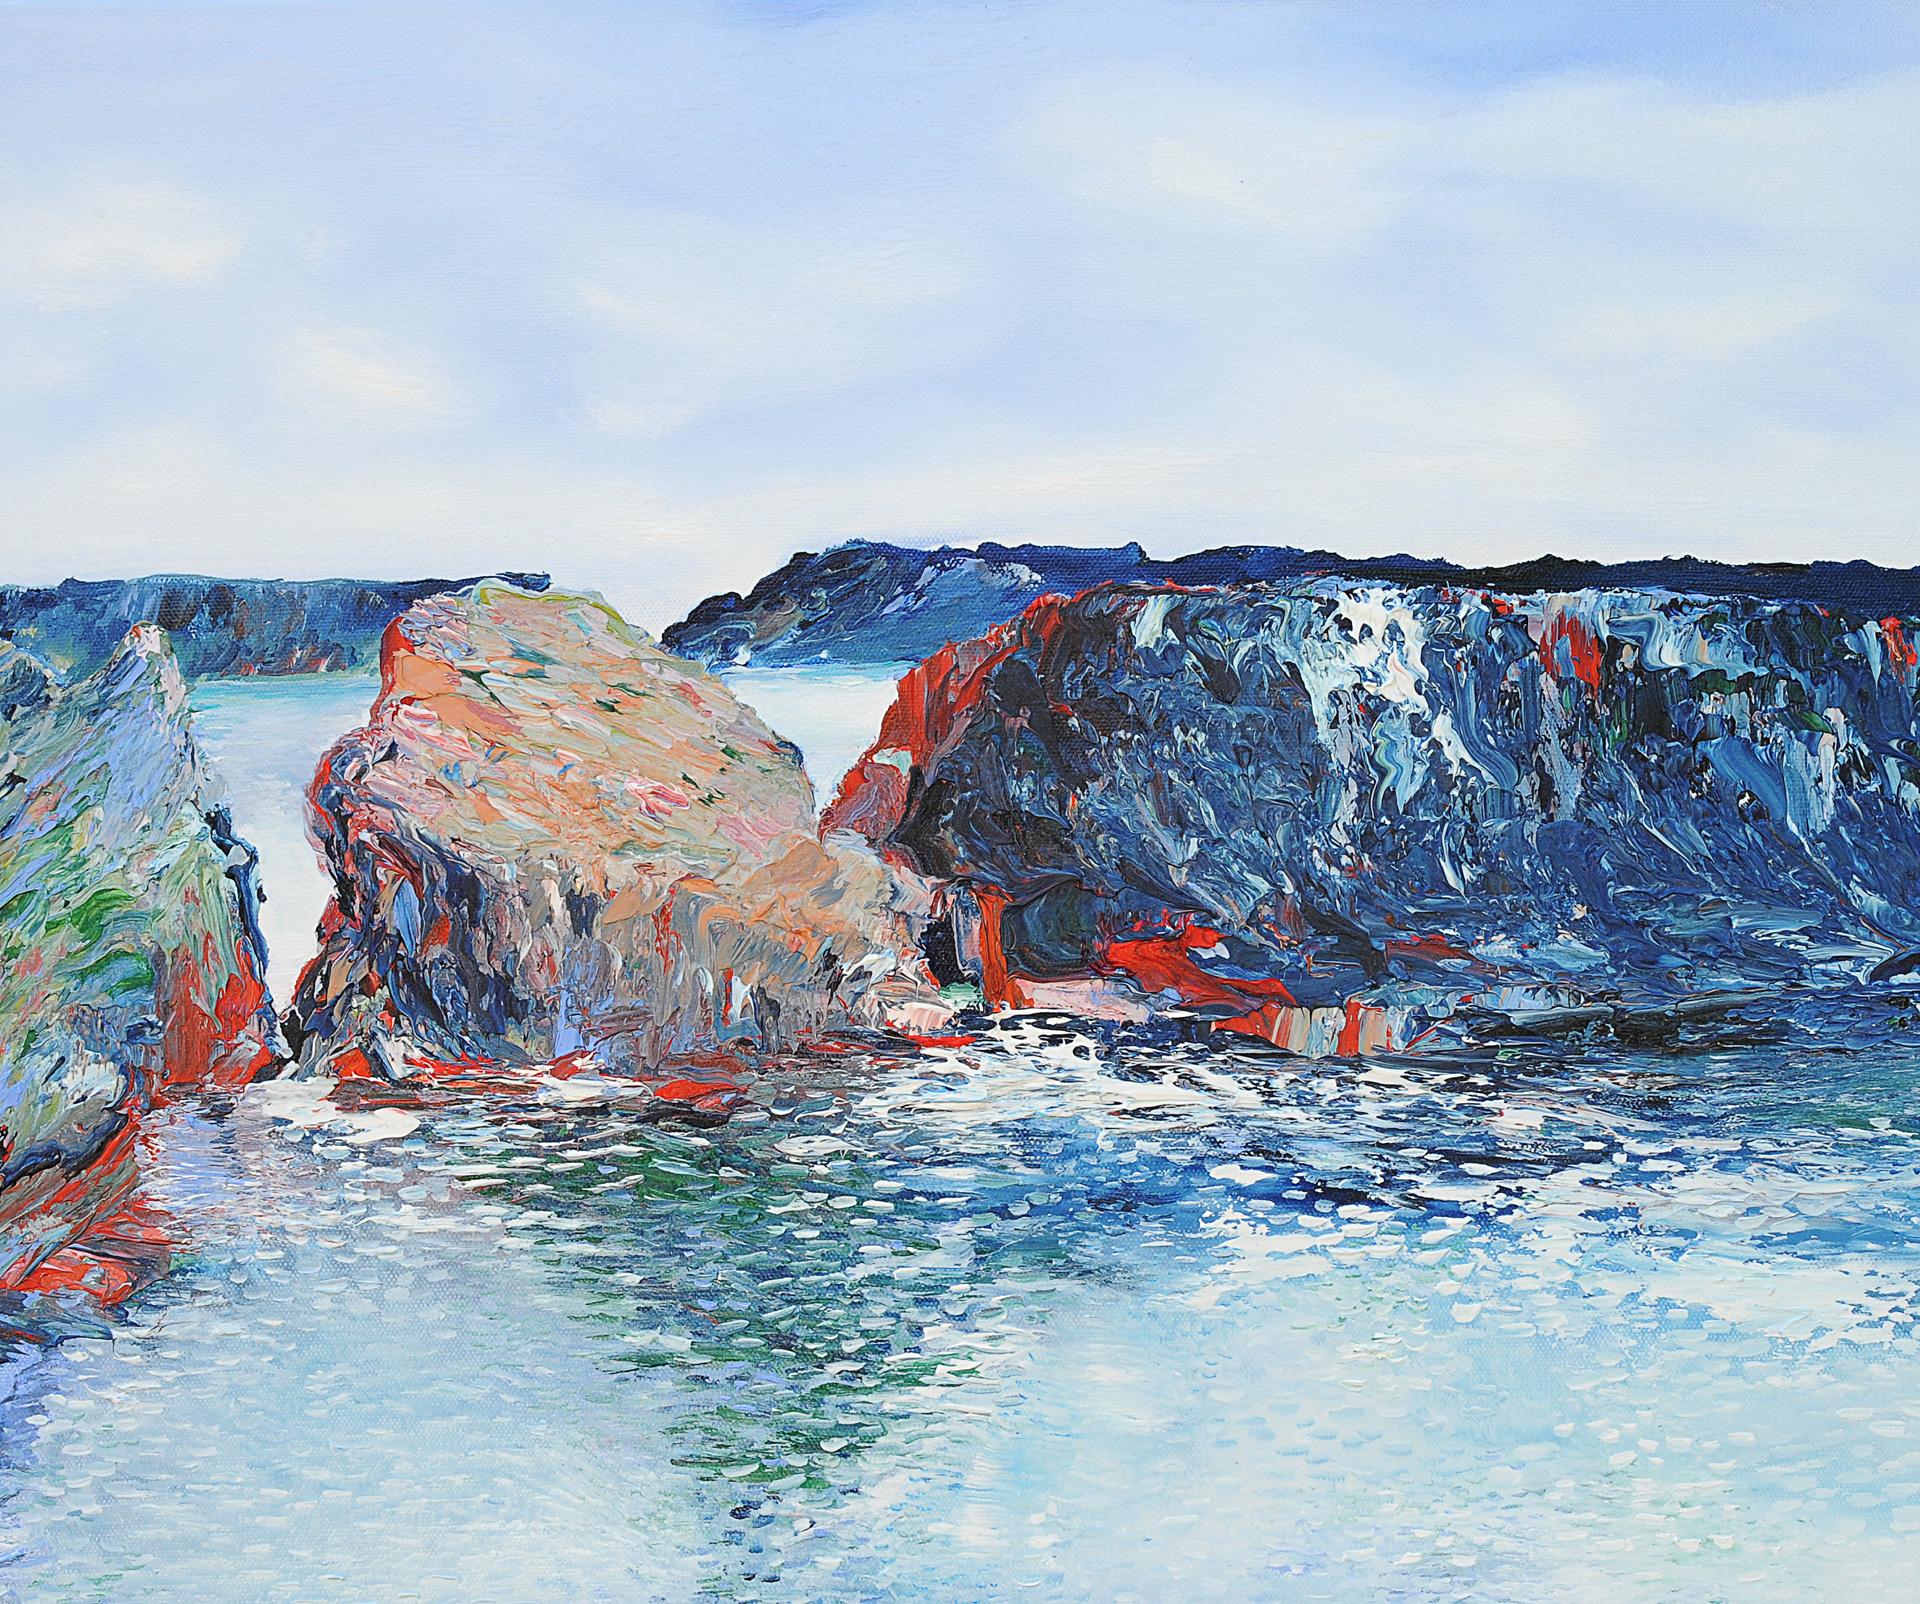 Cliffs by David J Williams